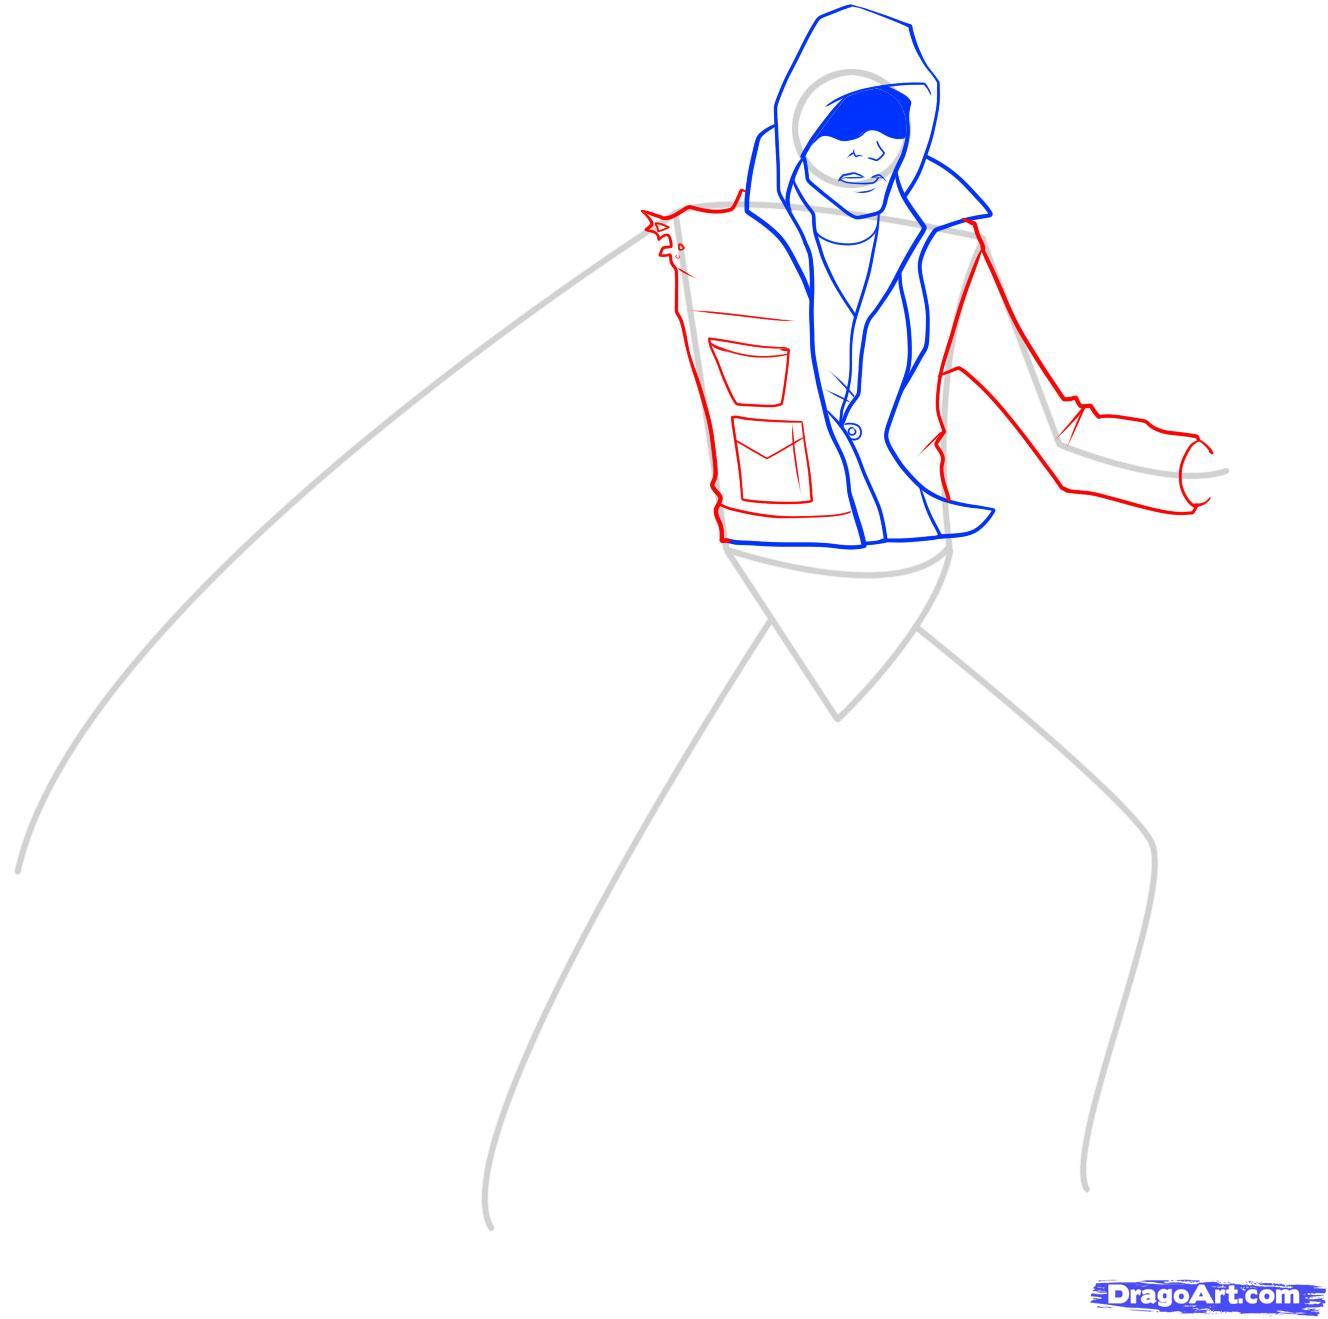 Рисуем Алекса Мерсера из игры Prototype - шаг 6